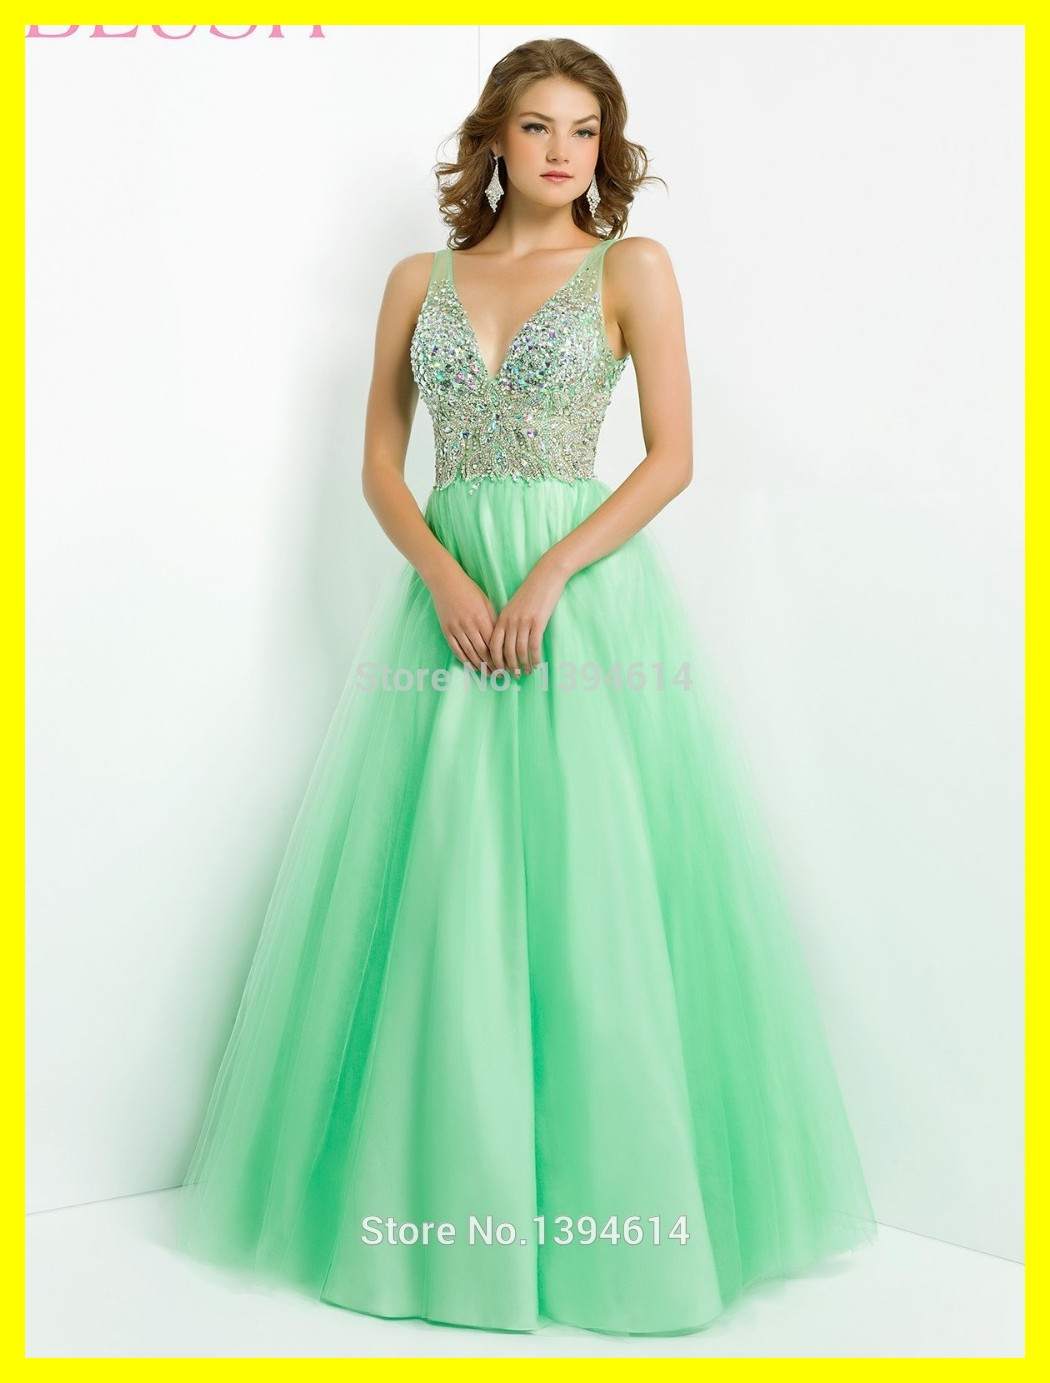 Medium Of Used Prom Dresses